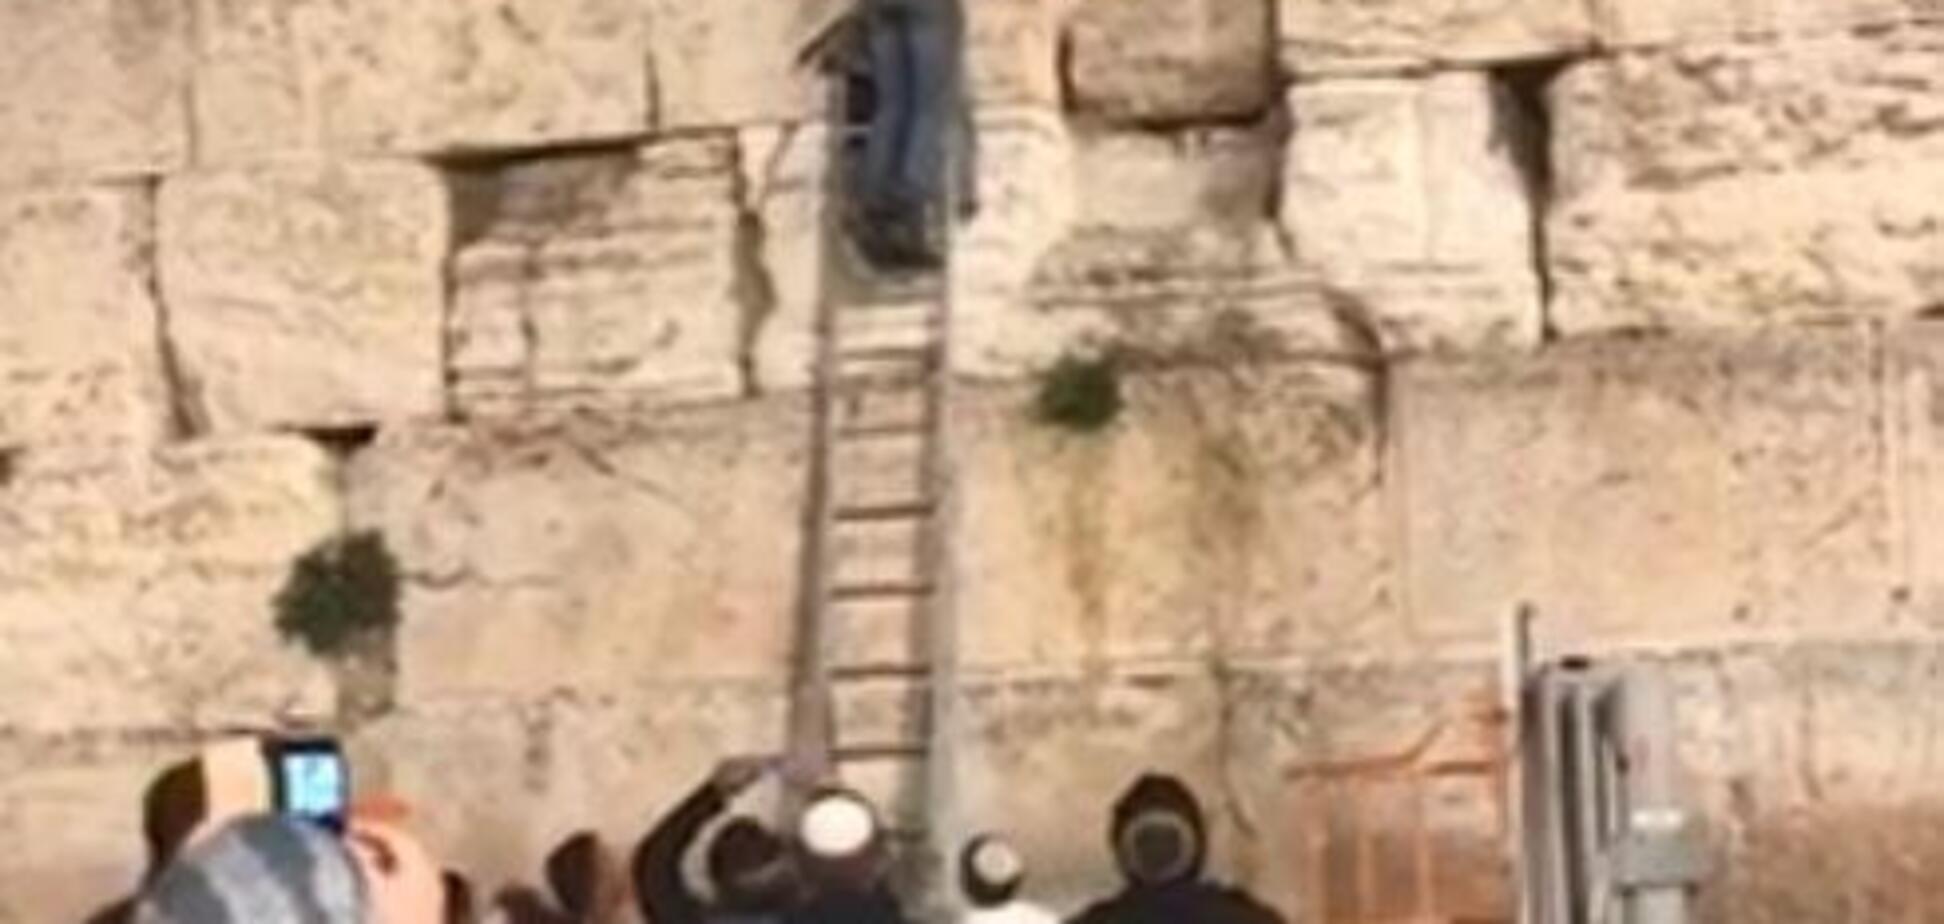 Кінець світу близький? В Єрусалимі збулося третє пророцтво про Апокаліпсис. Відеофакт